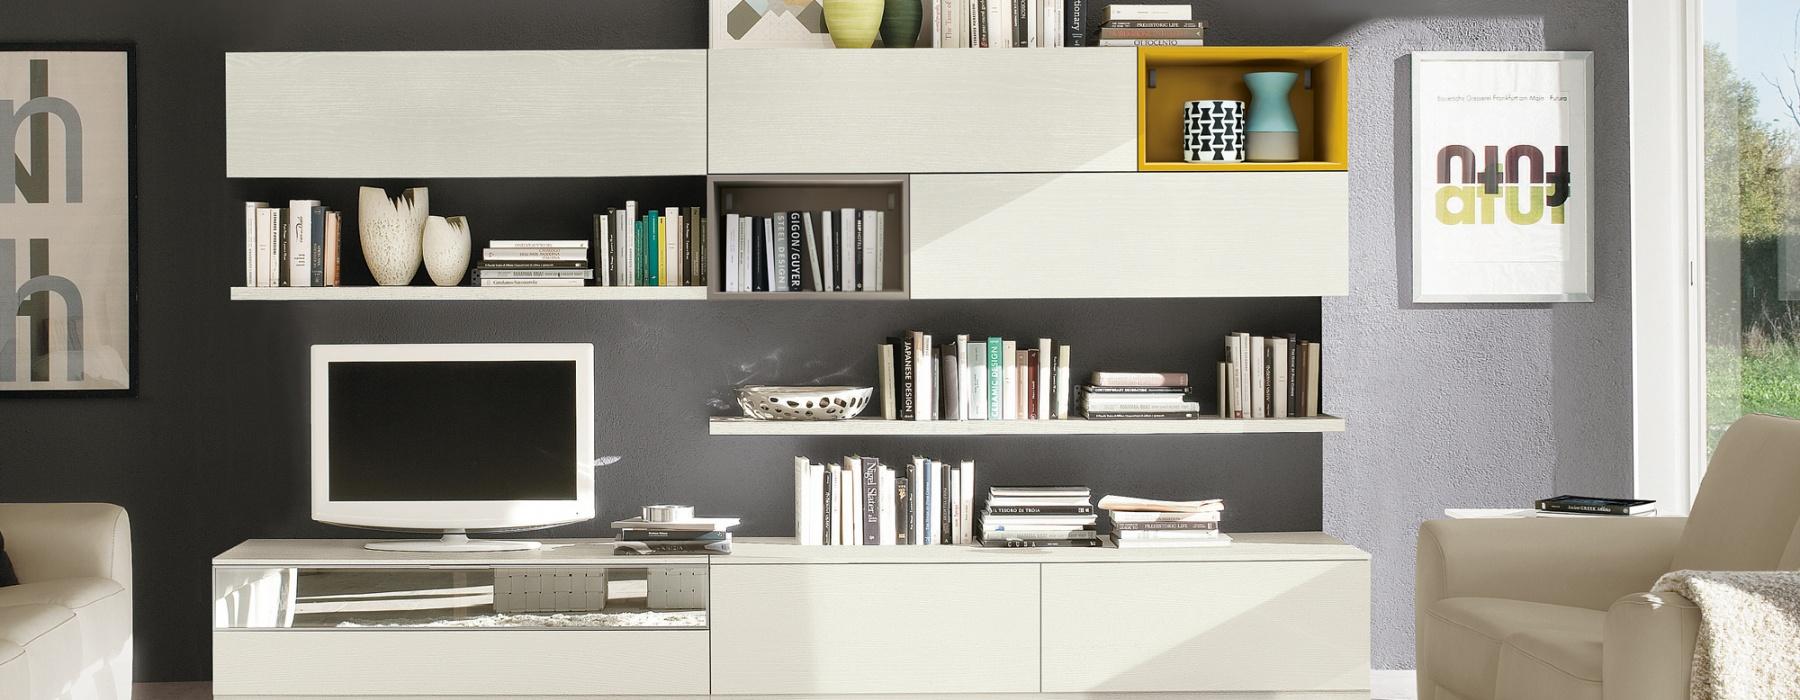 soggiorni febal living catalogo 2014 (2)  Design Mon Amour